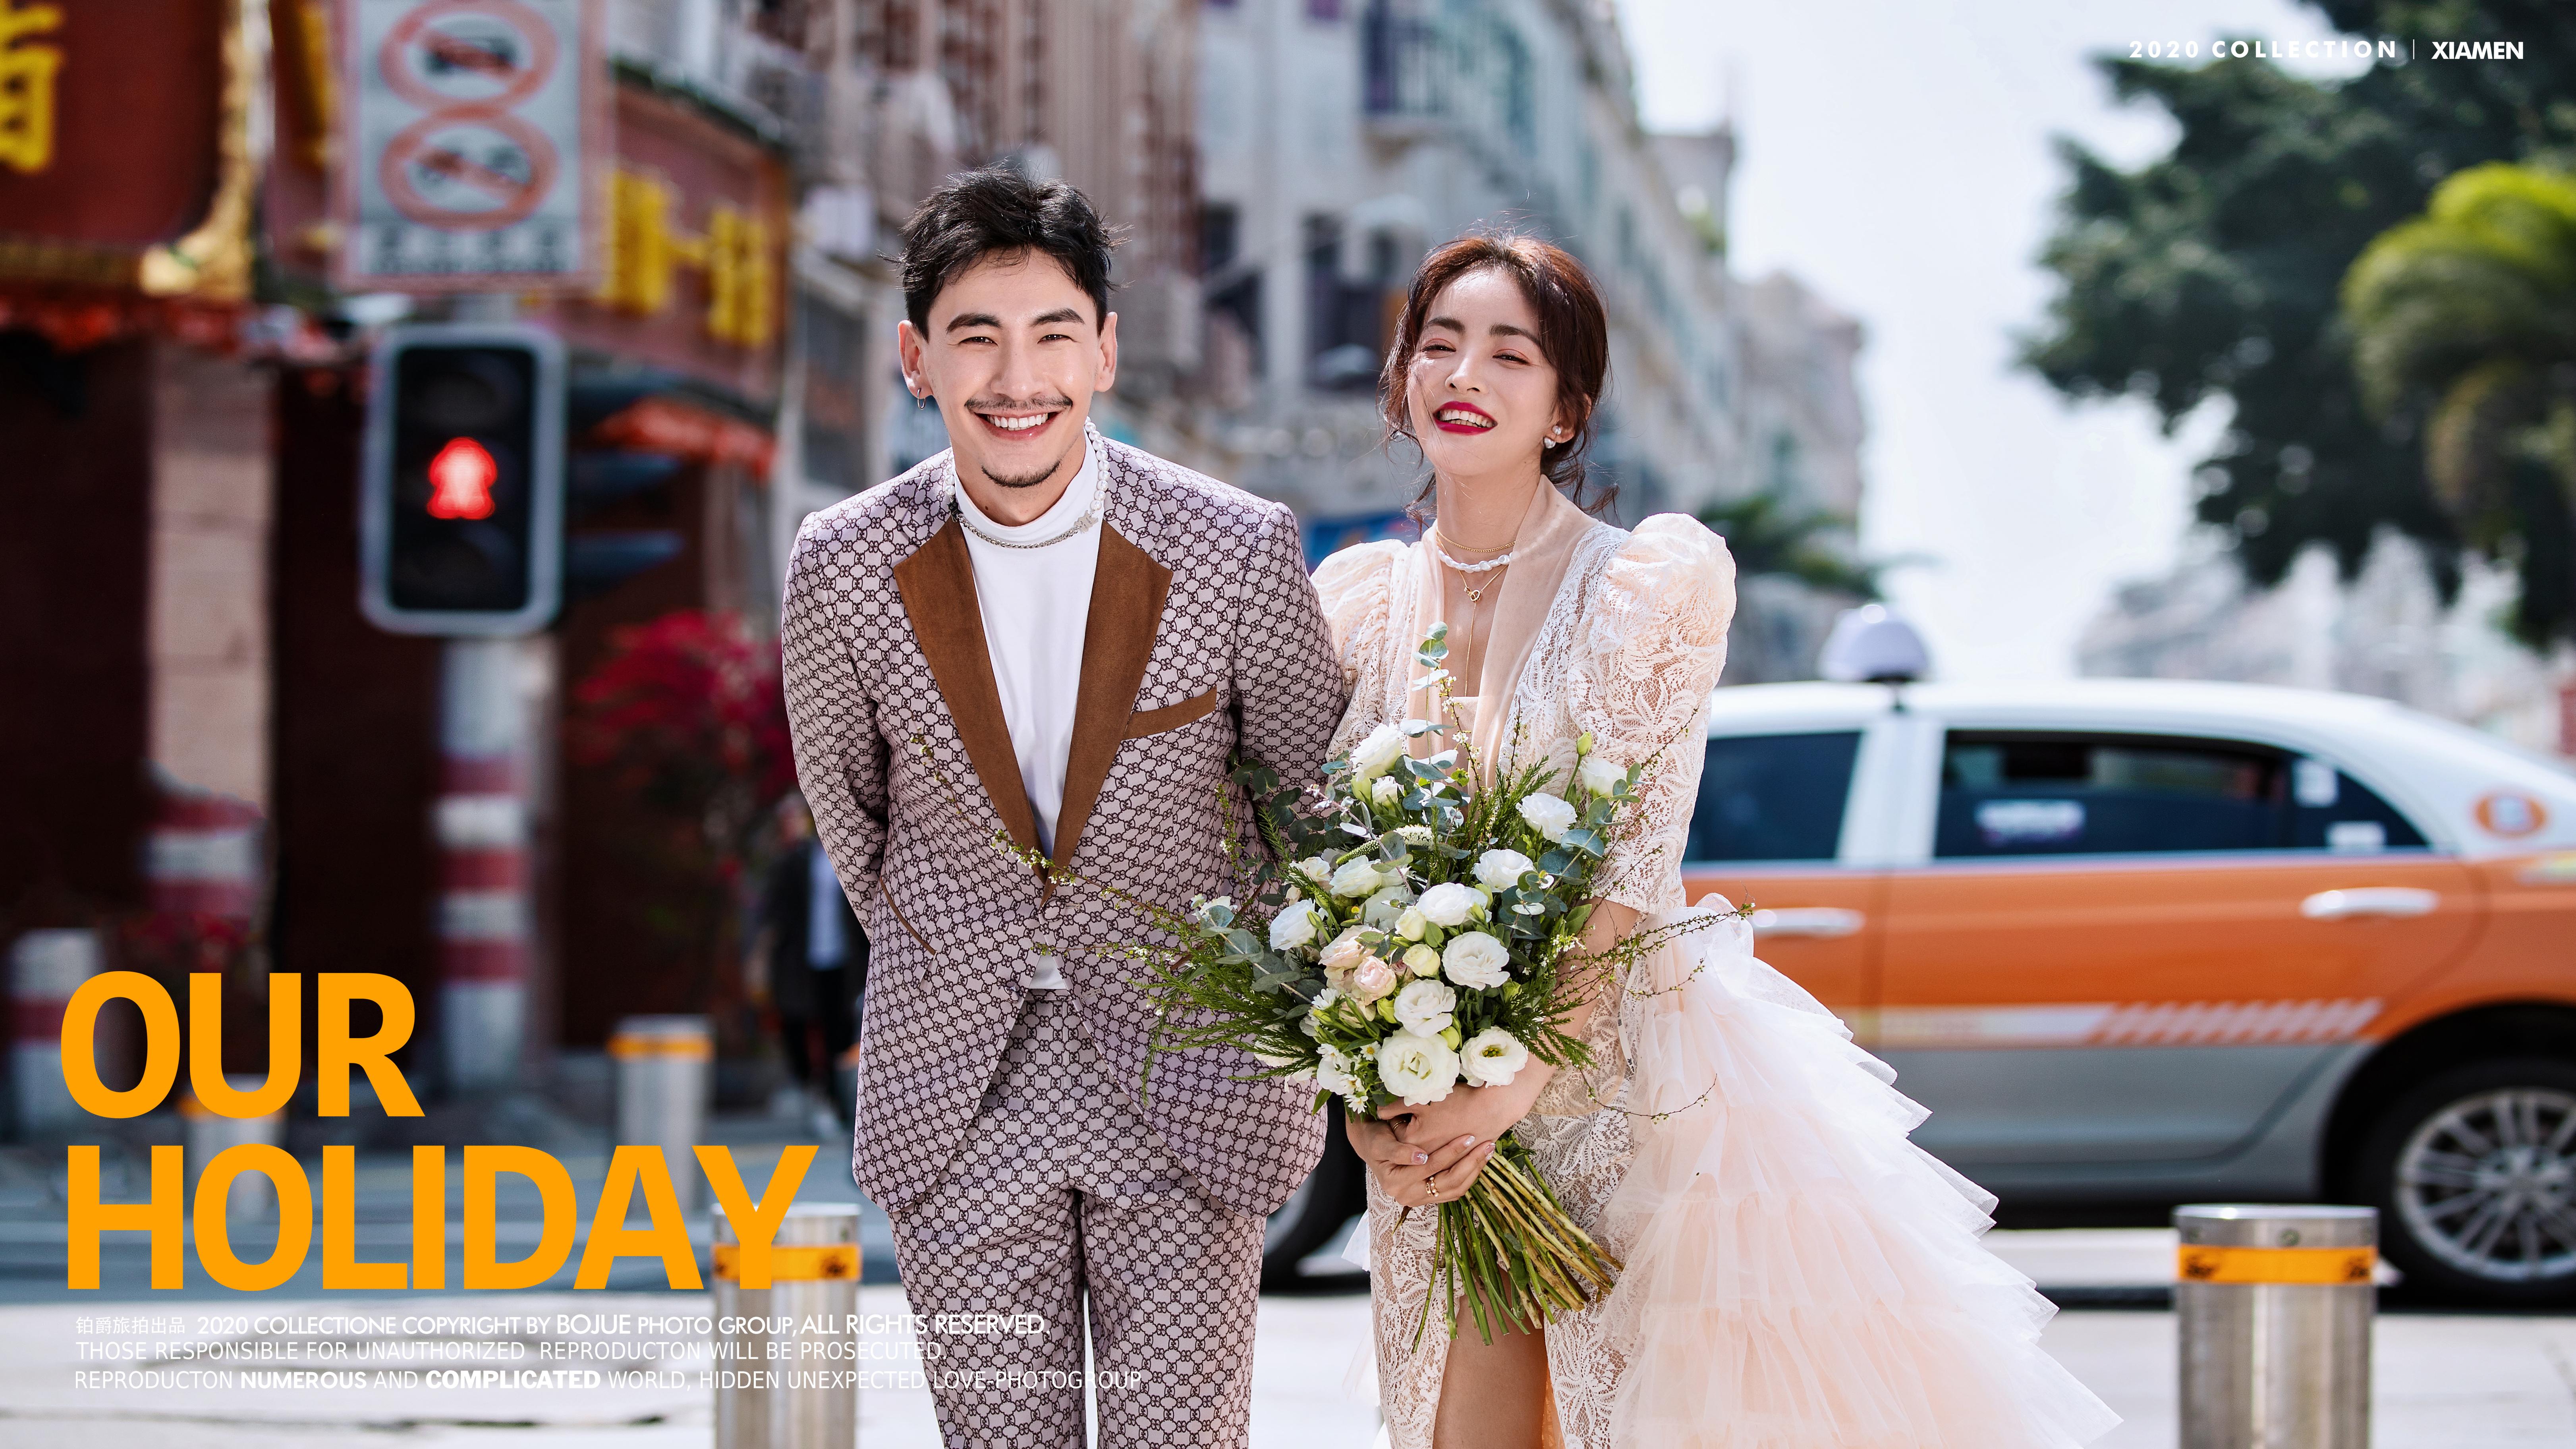 结婚前一个月拍婚纱照赶得上吗 提前多久拍婚纱照合适